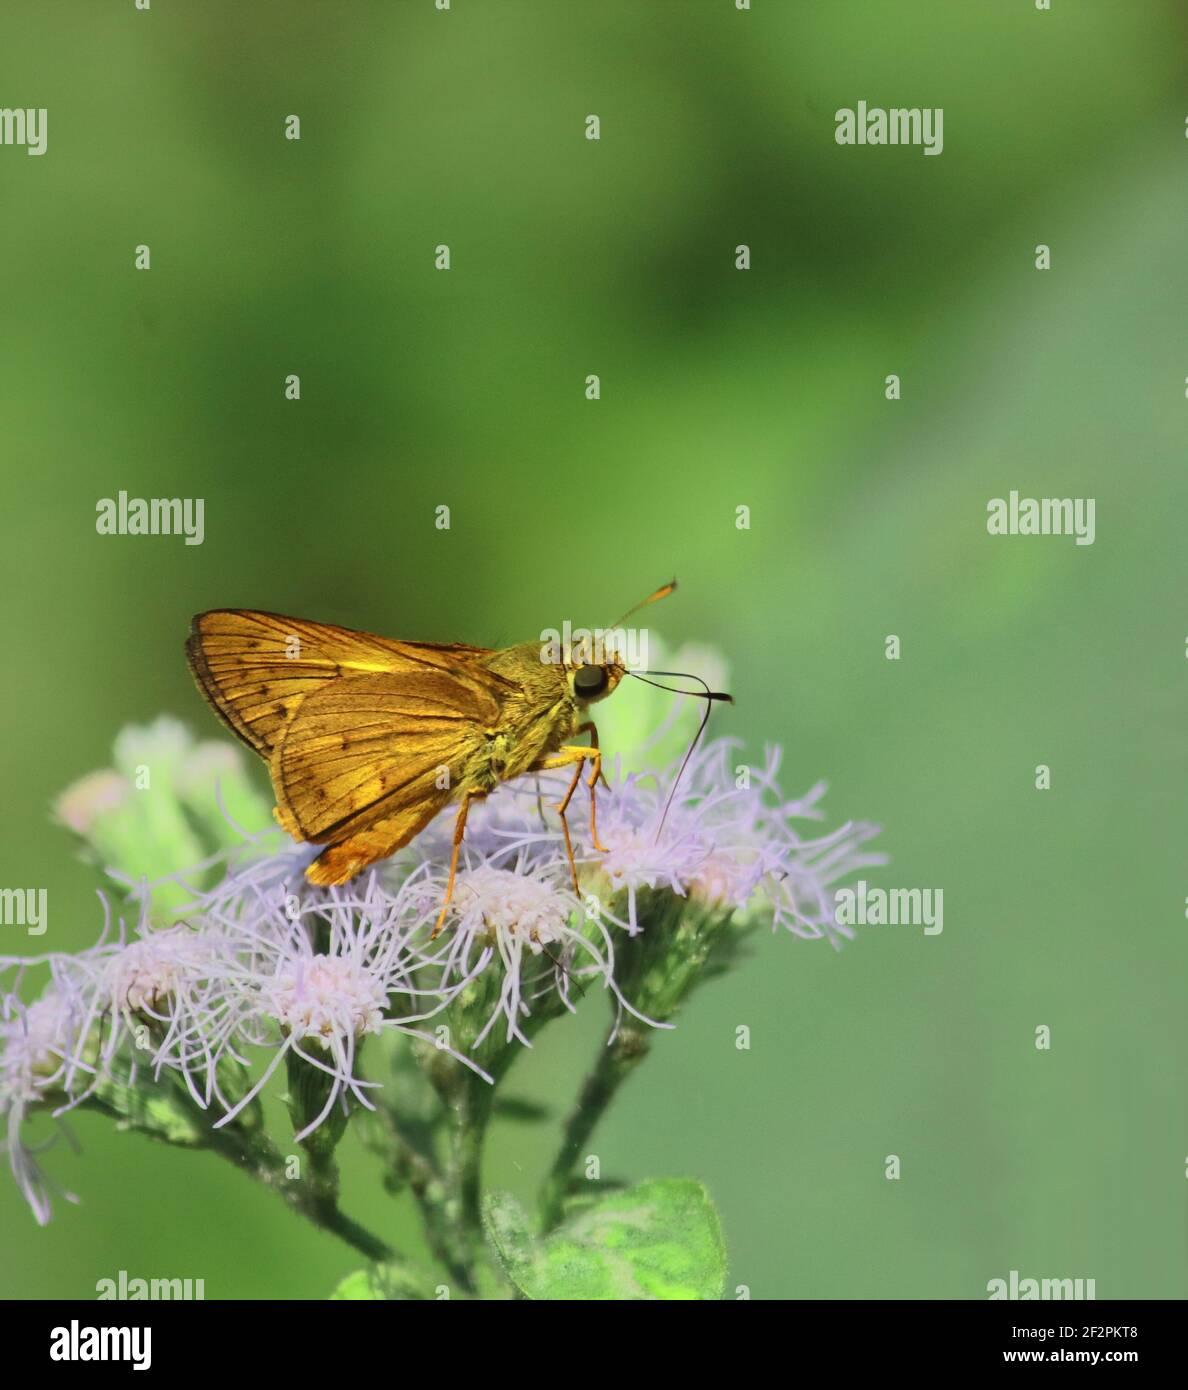 el cefrenes acalle o mariposa de dardo de palma lisa está recolectando néctar y ayuda a la polinización, selva tropical en la india Foto de stock